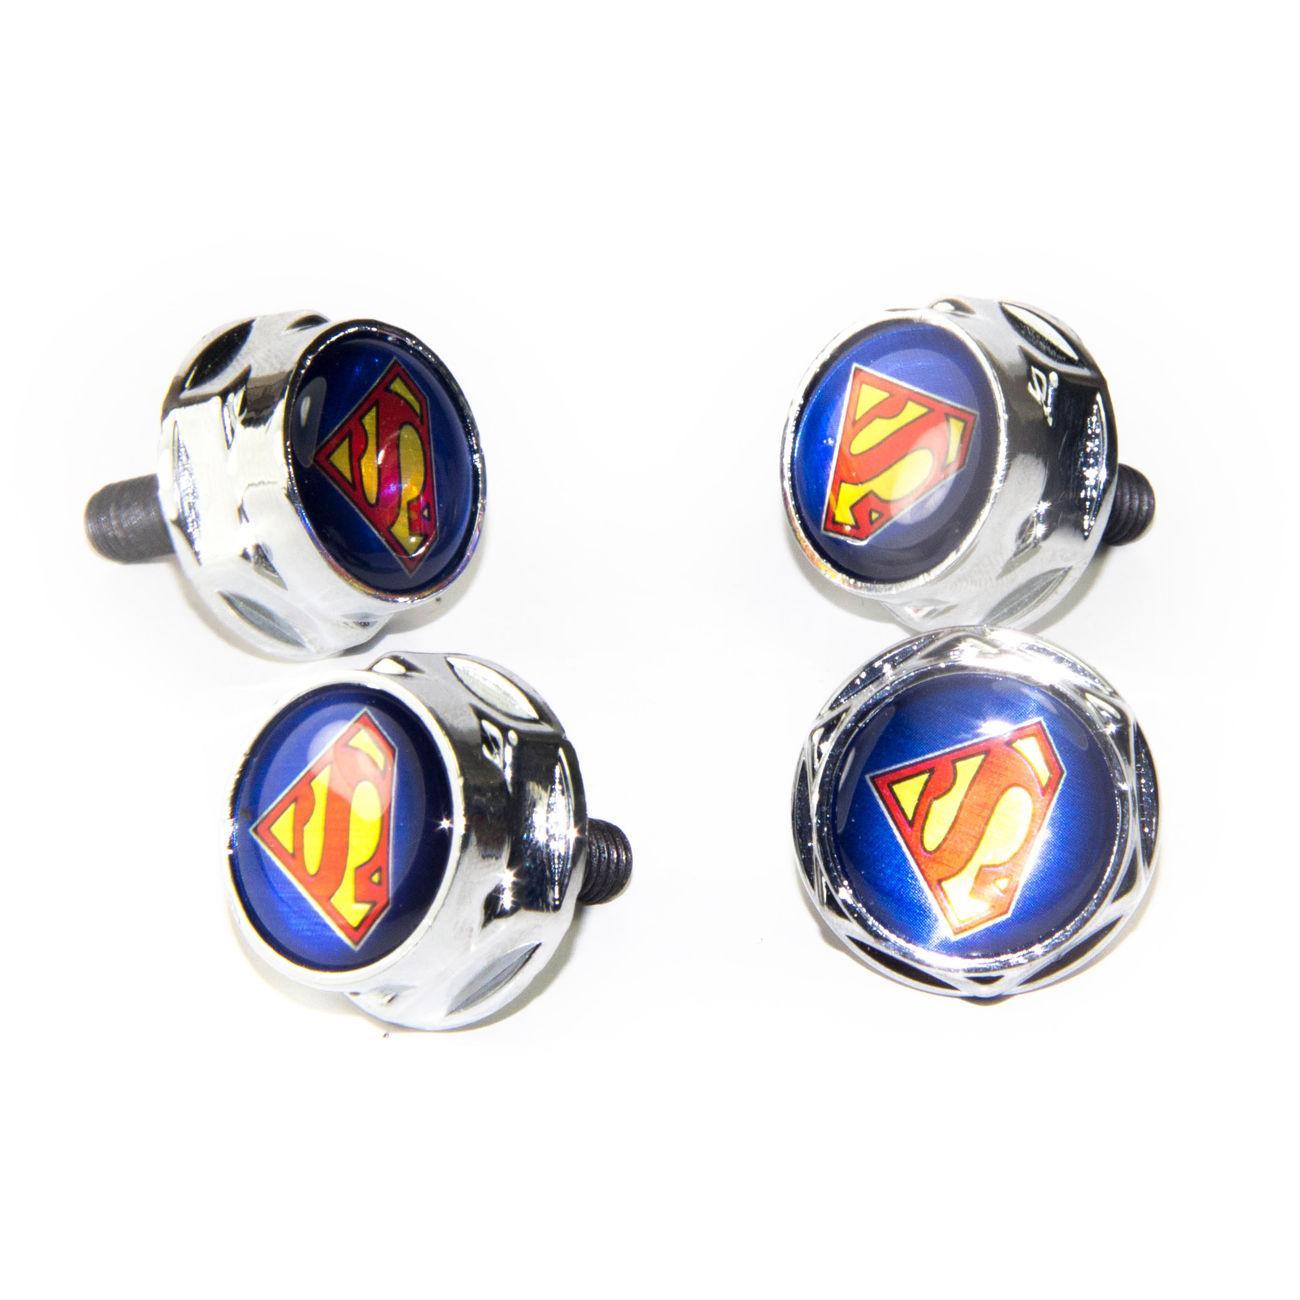 4pc / set Universal Superman Kfz-Kennzeichen Nuts Bolzen Schrauben für alle Modell Lexus Infiniti Benz Chevrolet Cadillac Mercede Benz Standard ...